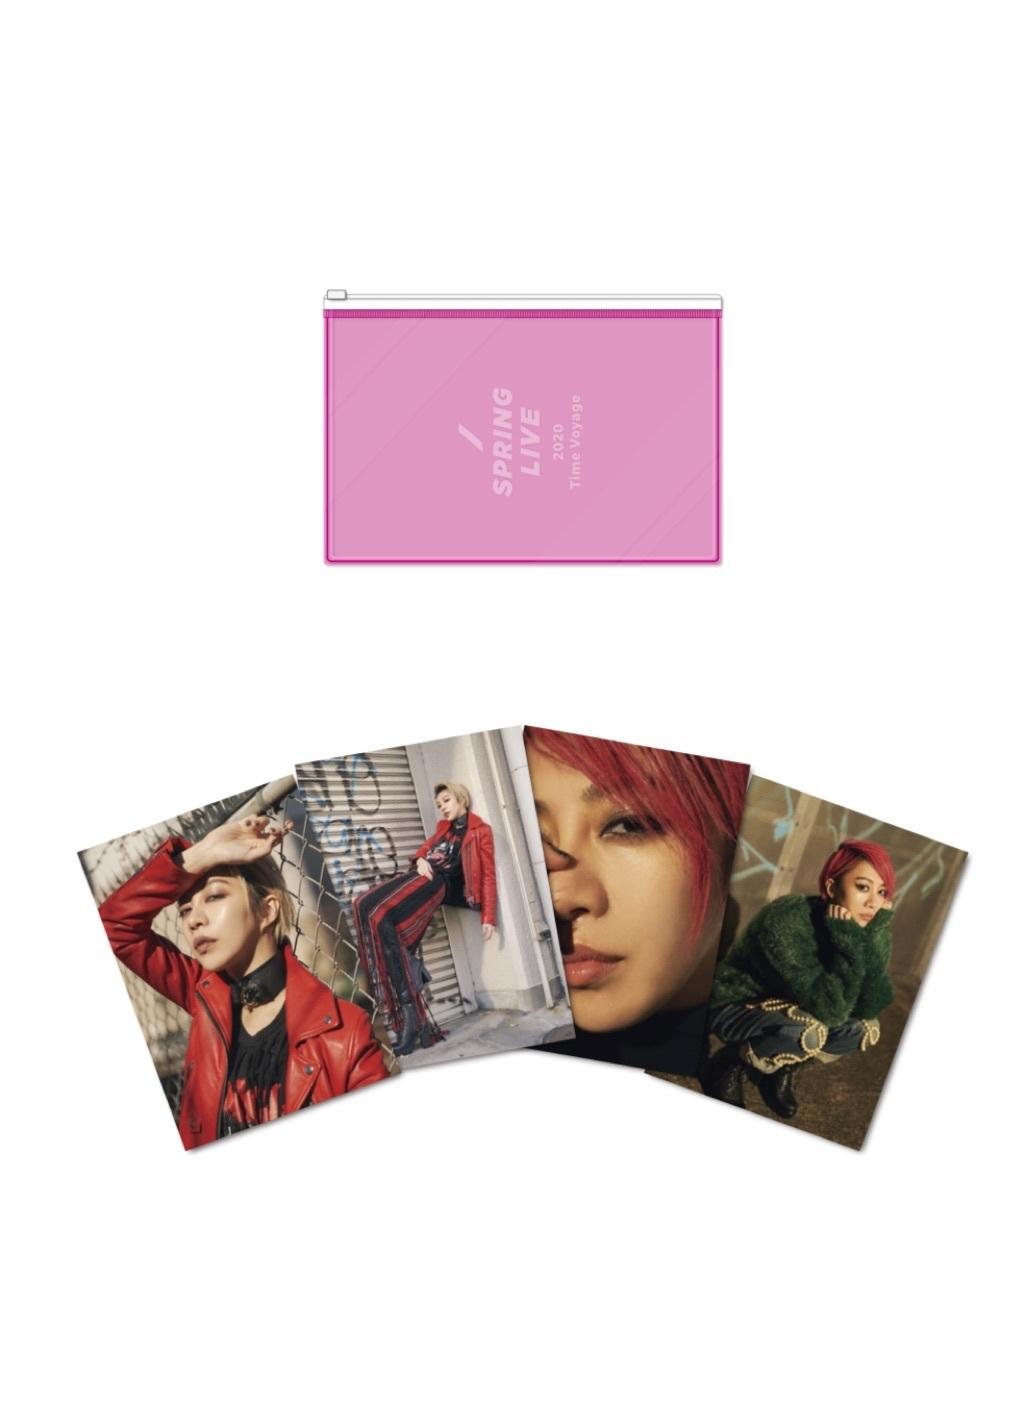 ポストカード4枚セット(ポーチ付き・蛍光ピンク)